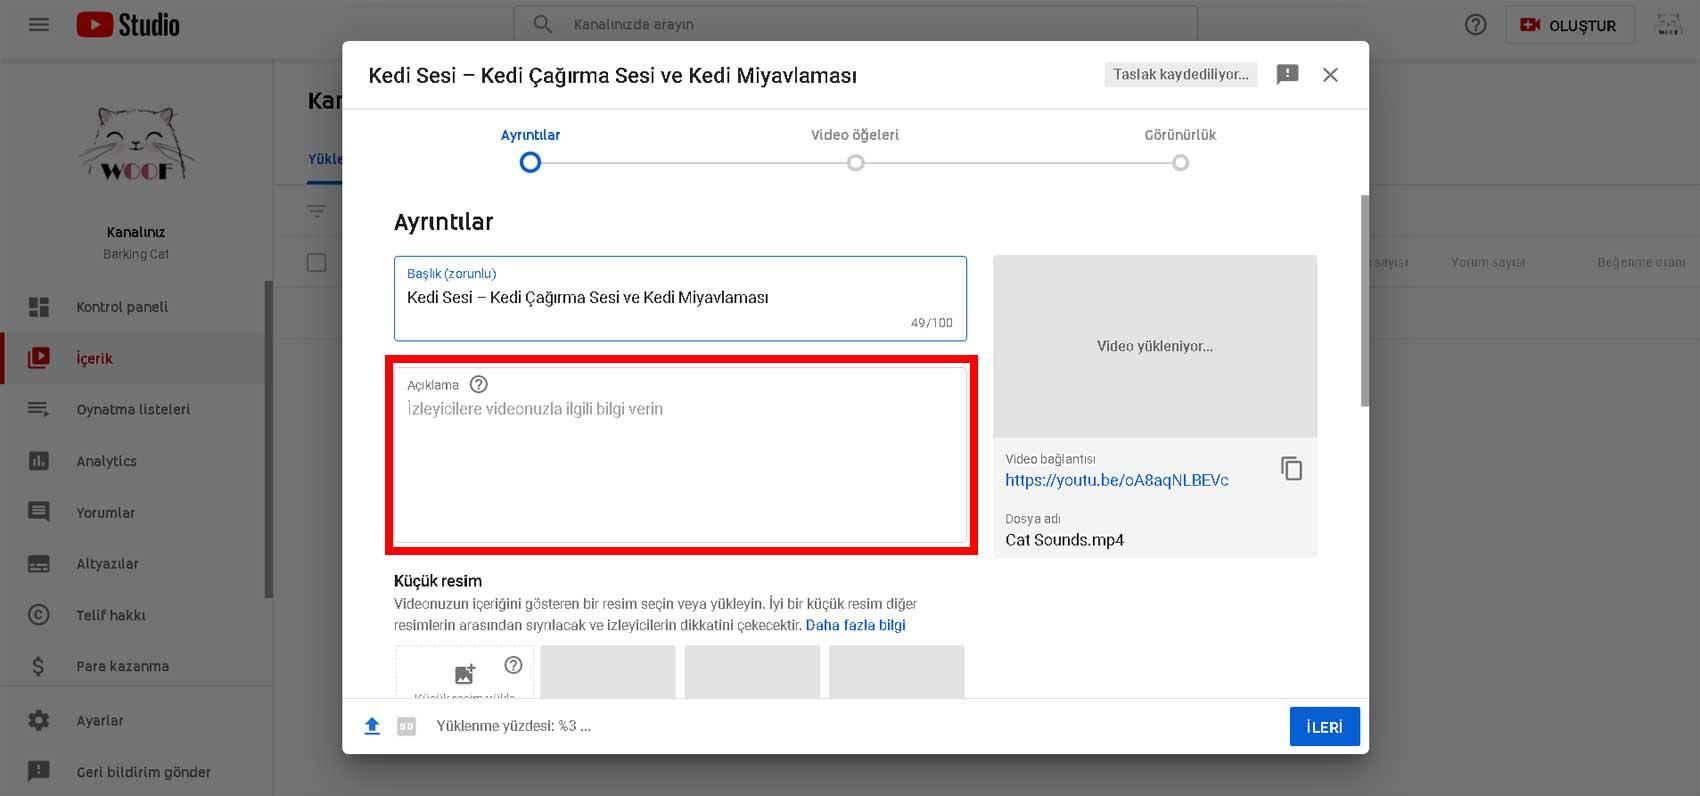 Youtube video açıklama optimizasyonu